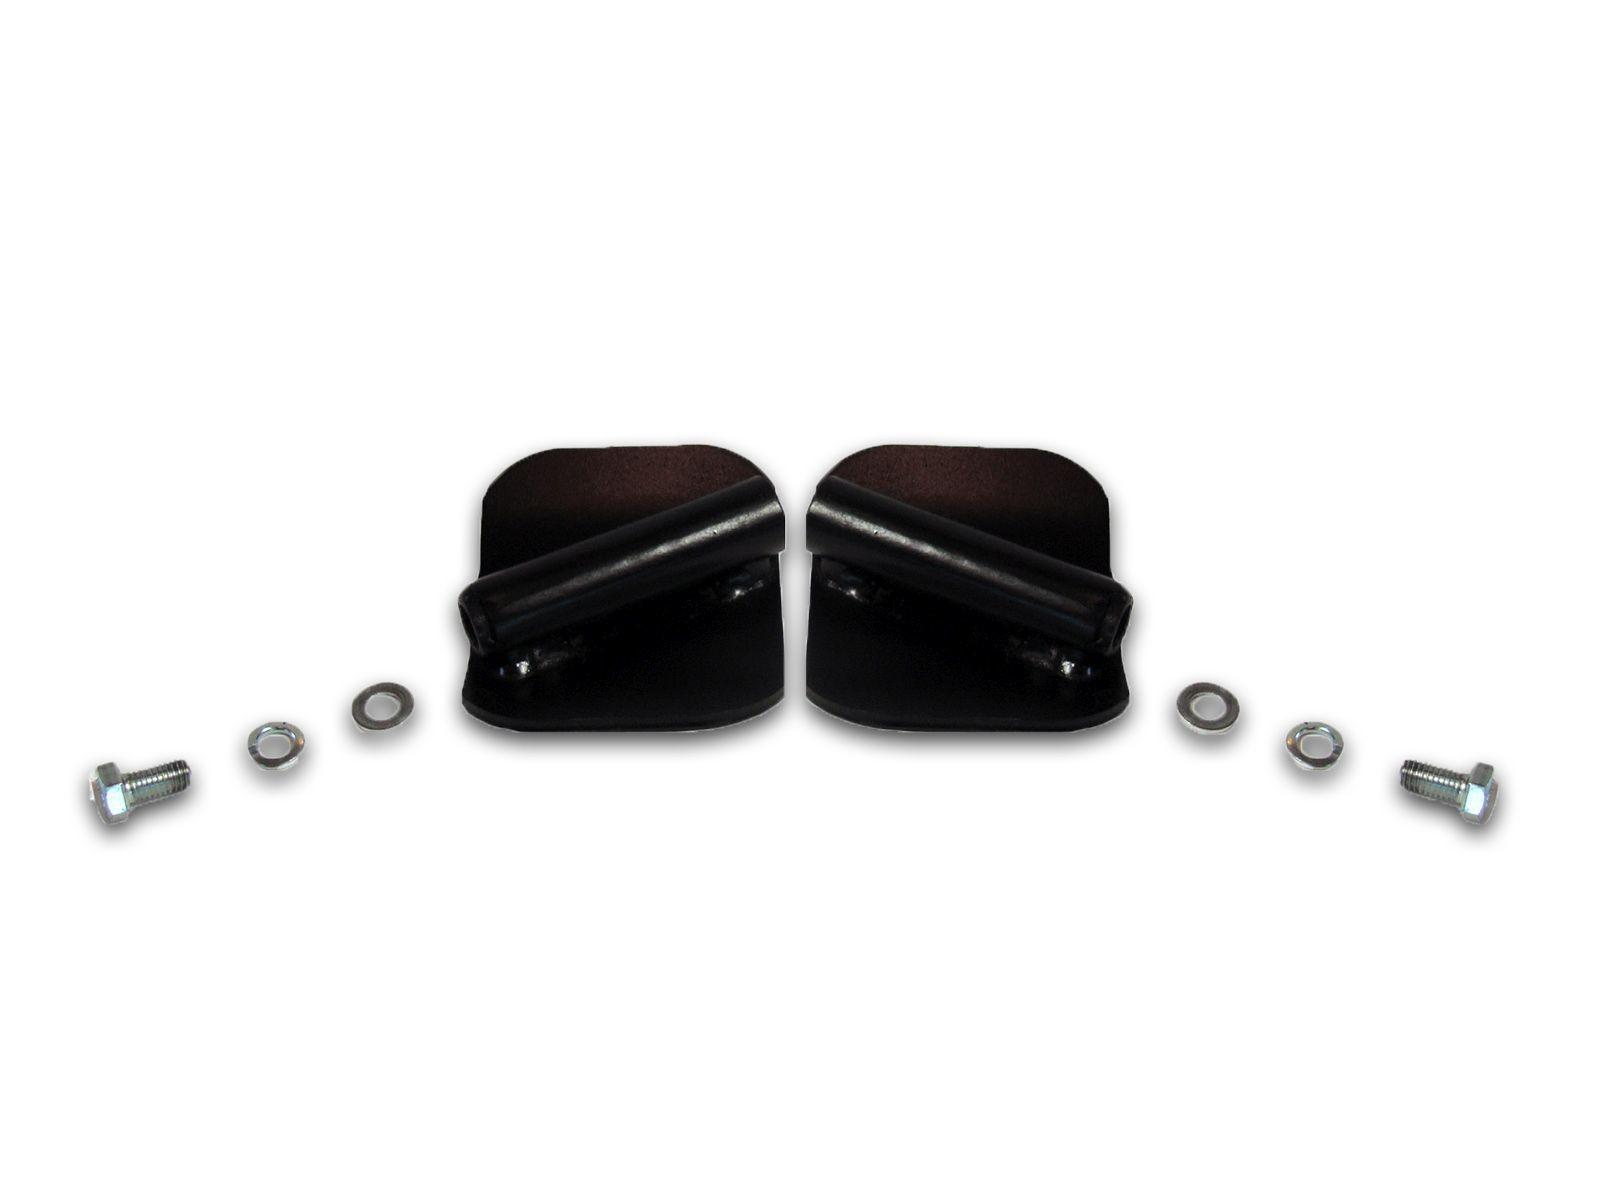 BERG Heavy duty brake pads (for XL Frame)